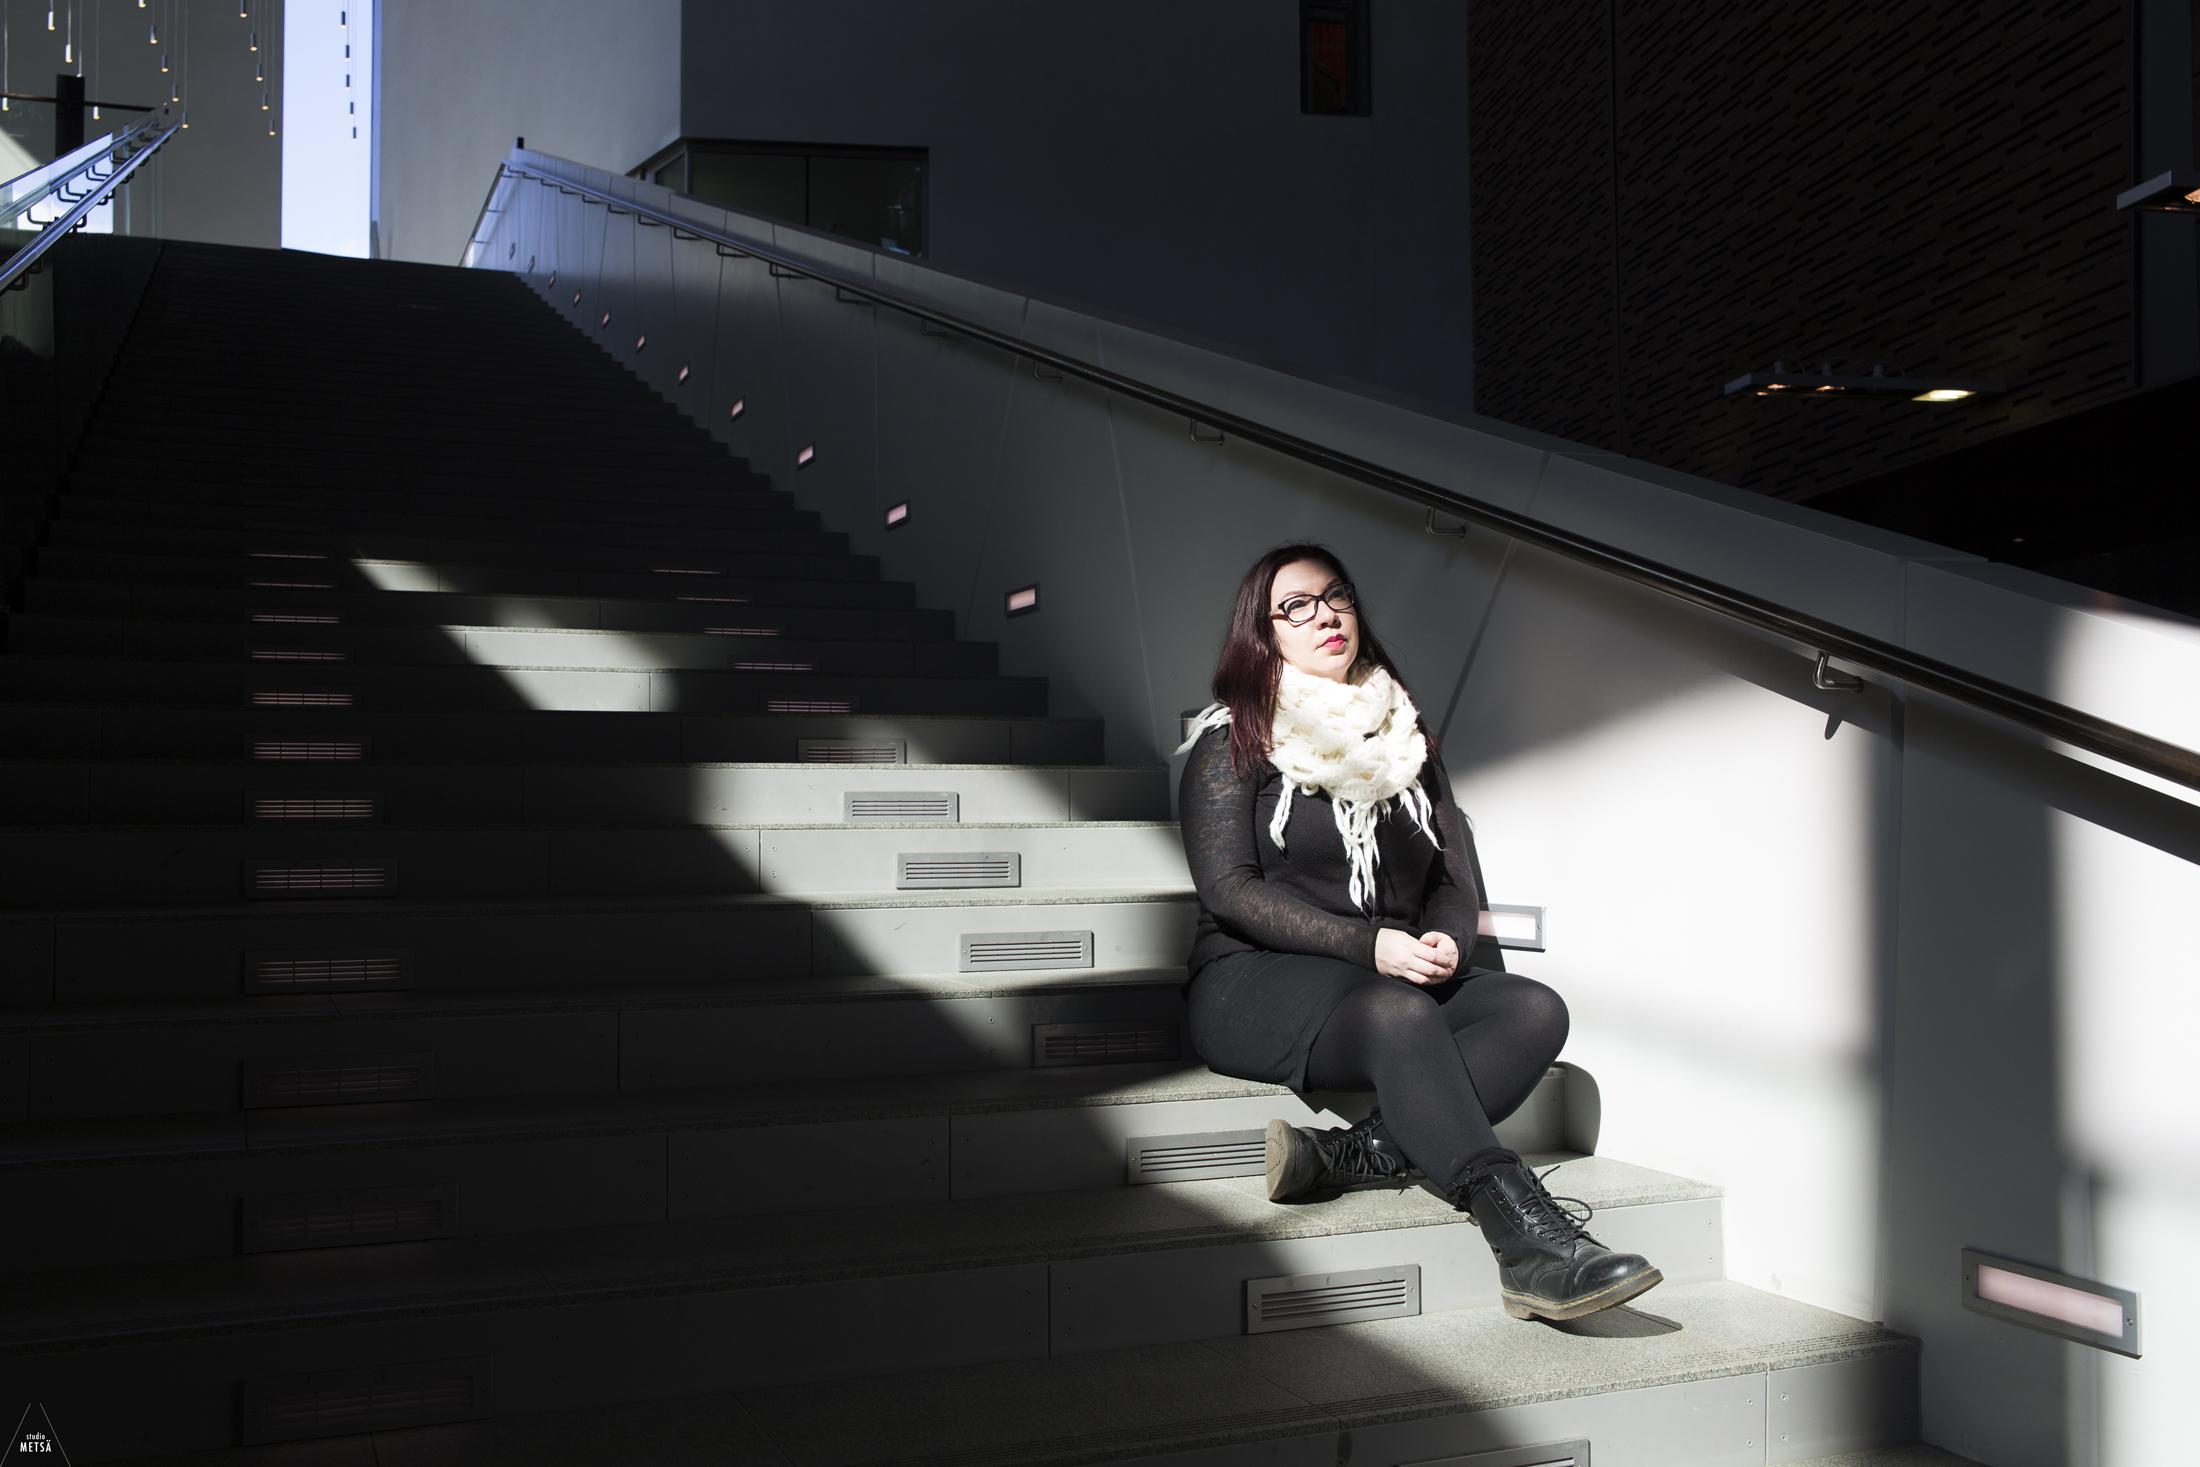 Tuulin voimaannuttava potrettikuvaus Helsingissä / Empowerment portrait session